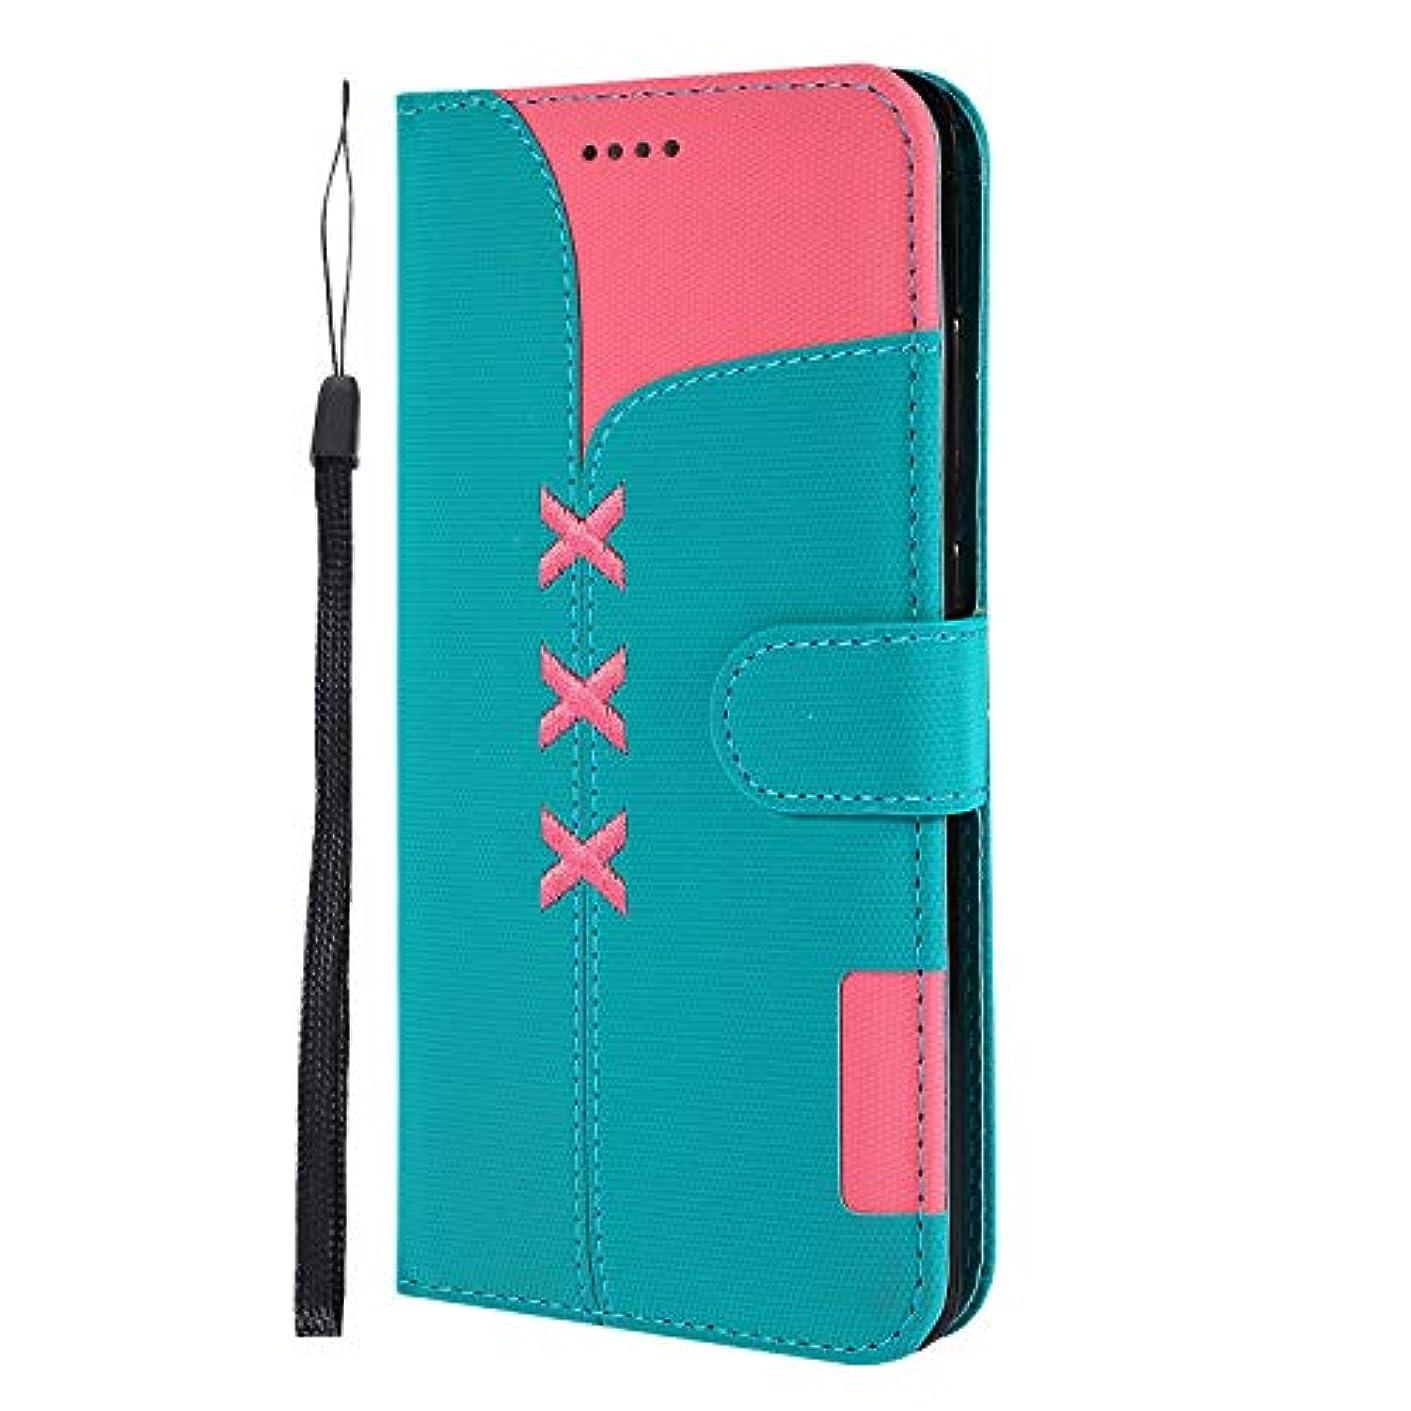 インチ思春期の酸度Lomogo Huawei Mate20 ケース 手帳型 耐衝撃 レザーケース 財布型 カードポケット スタンド機能 マグネット式 ファーウェイMate20 手帳型ケース カバー 人気 - LOGHU040275 青